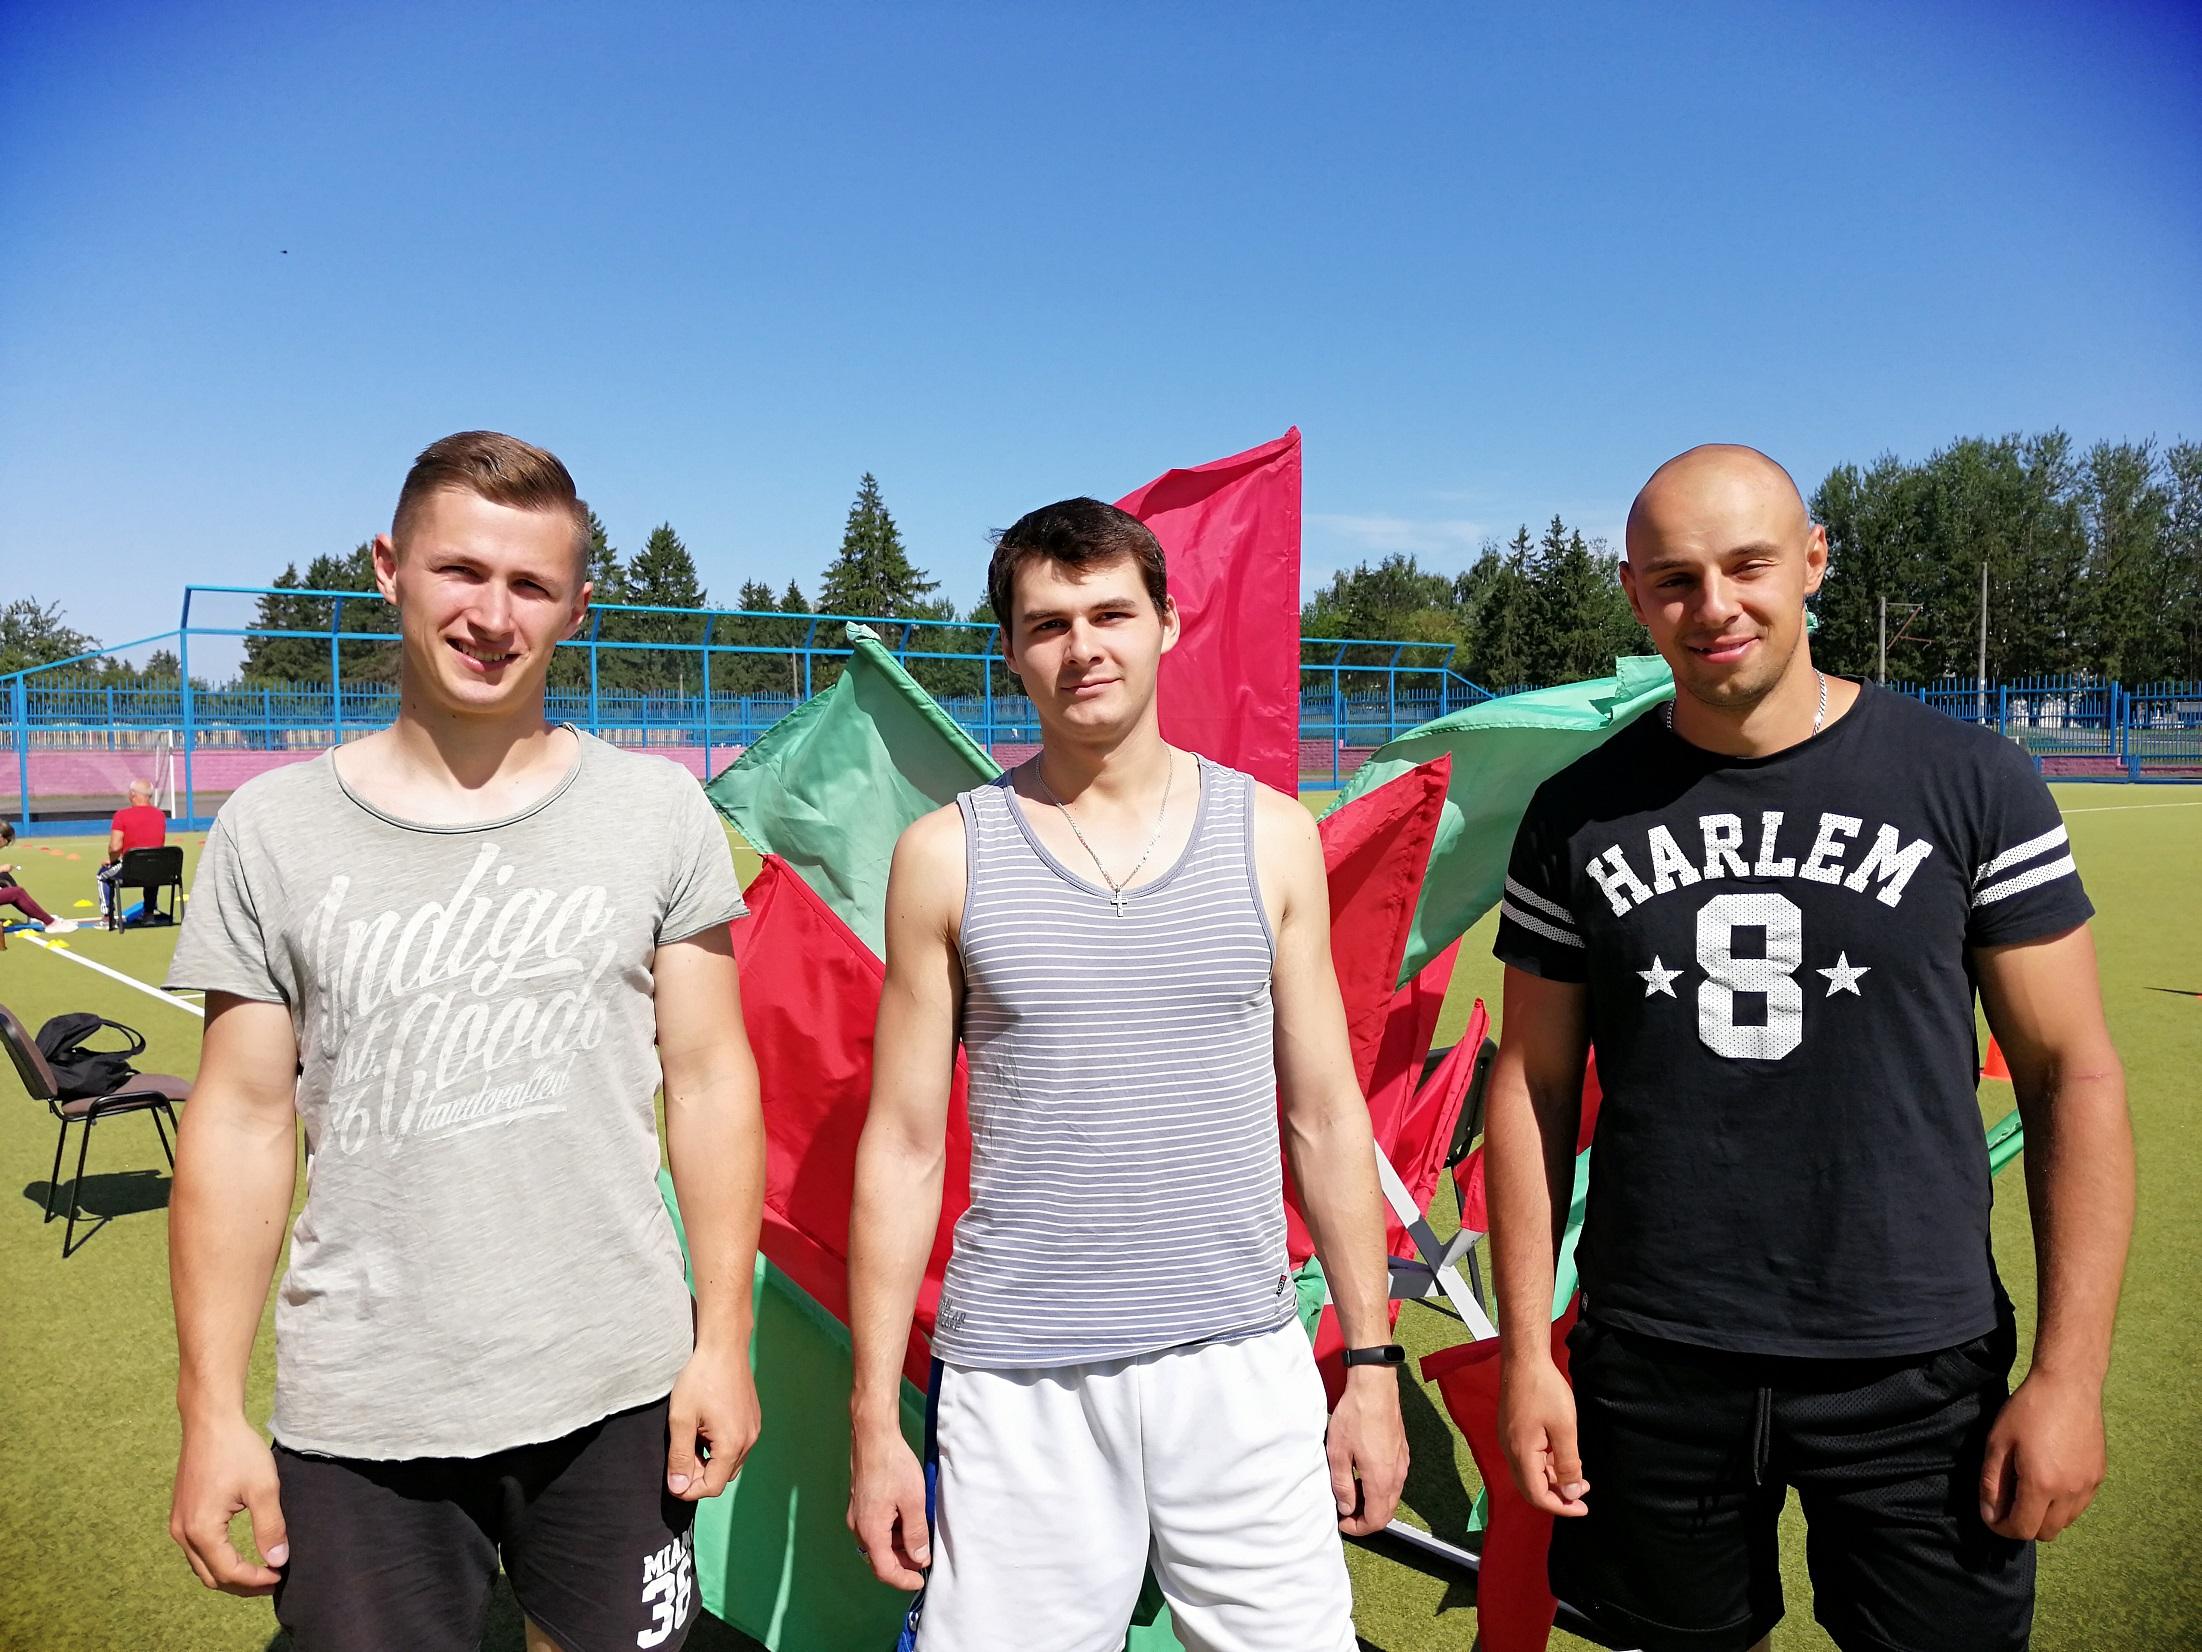 Сдача нормативов Государственного физкультурно-оздоровительного комплекса Республики Беларусь.